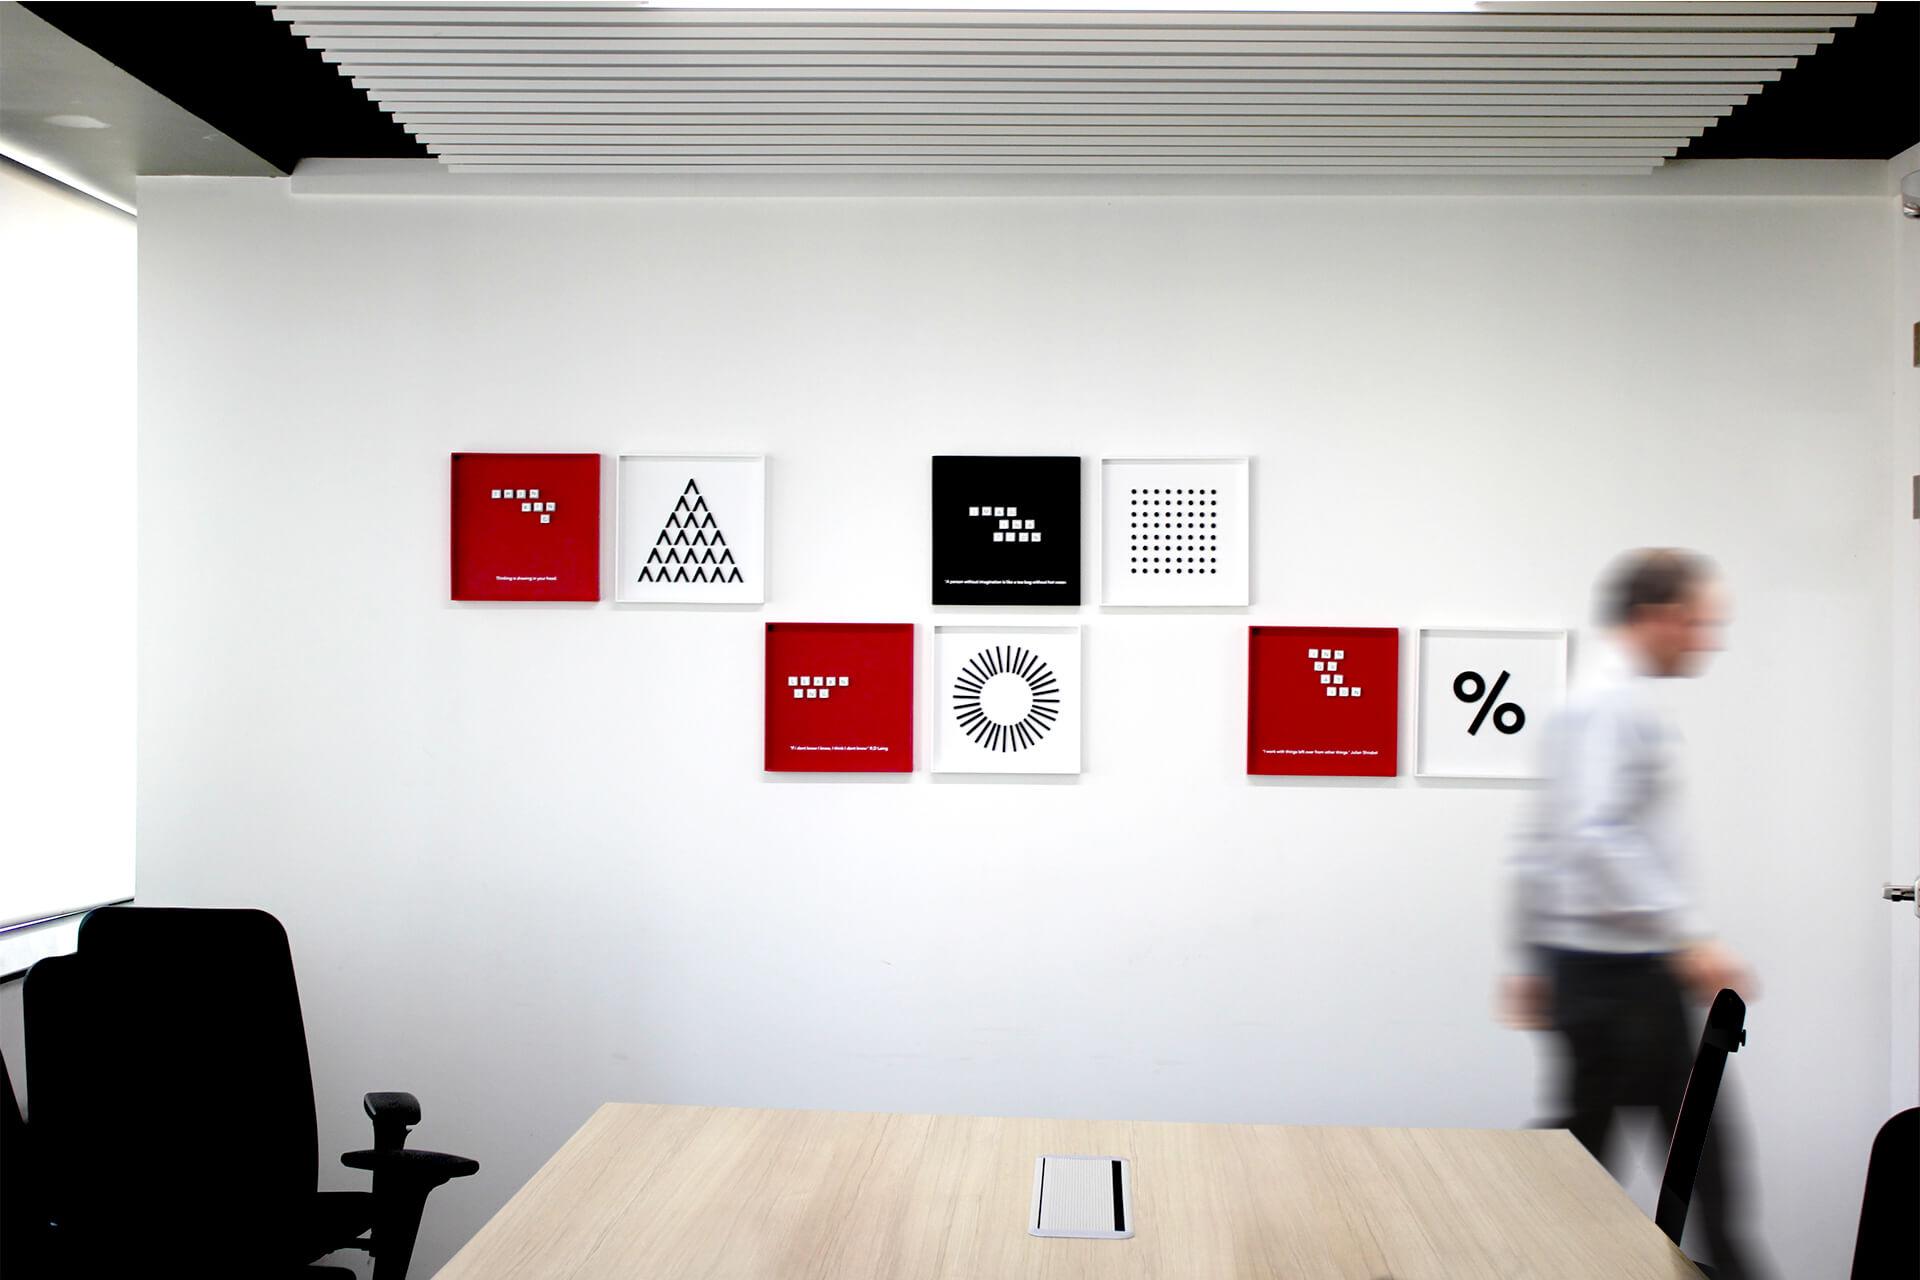 Talentica software 办公室图形设计© Leaf Design